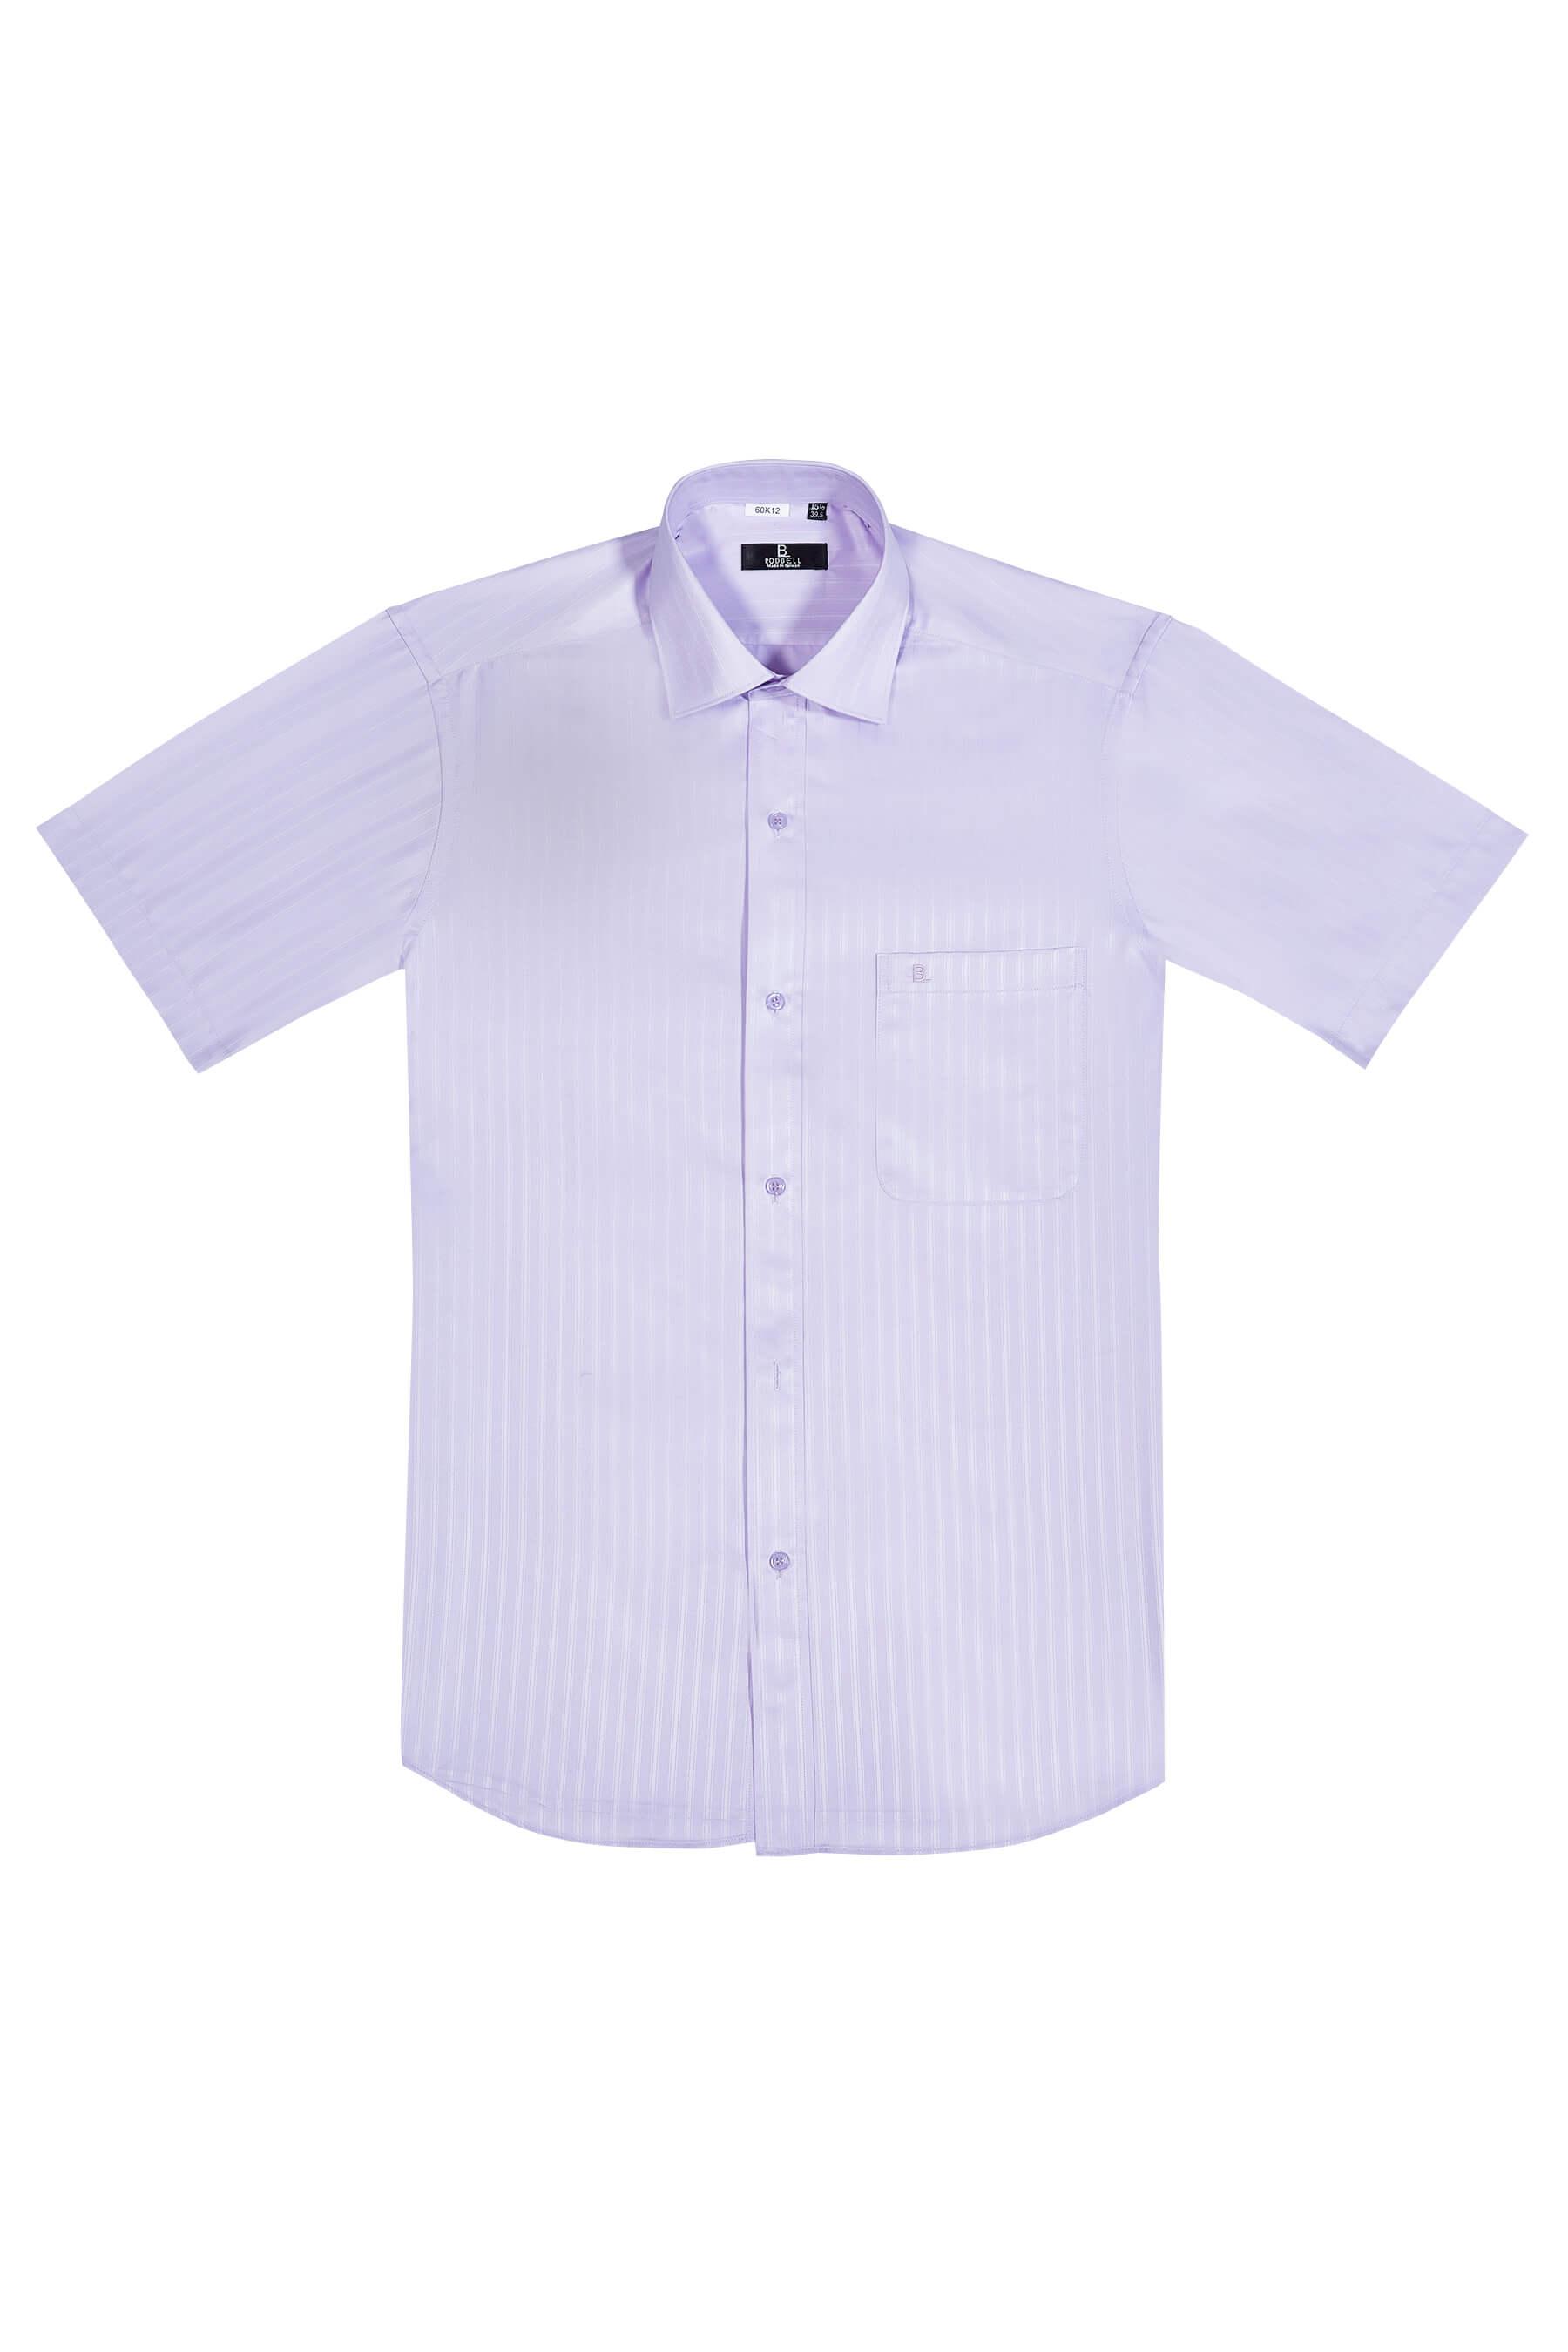 淺紫色緹花短袖襯衫/抗皺 吸濕排汗